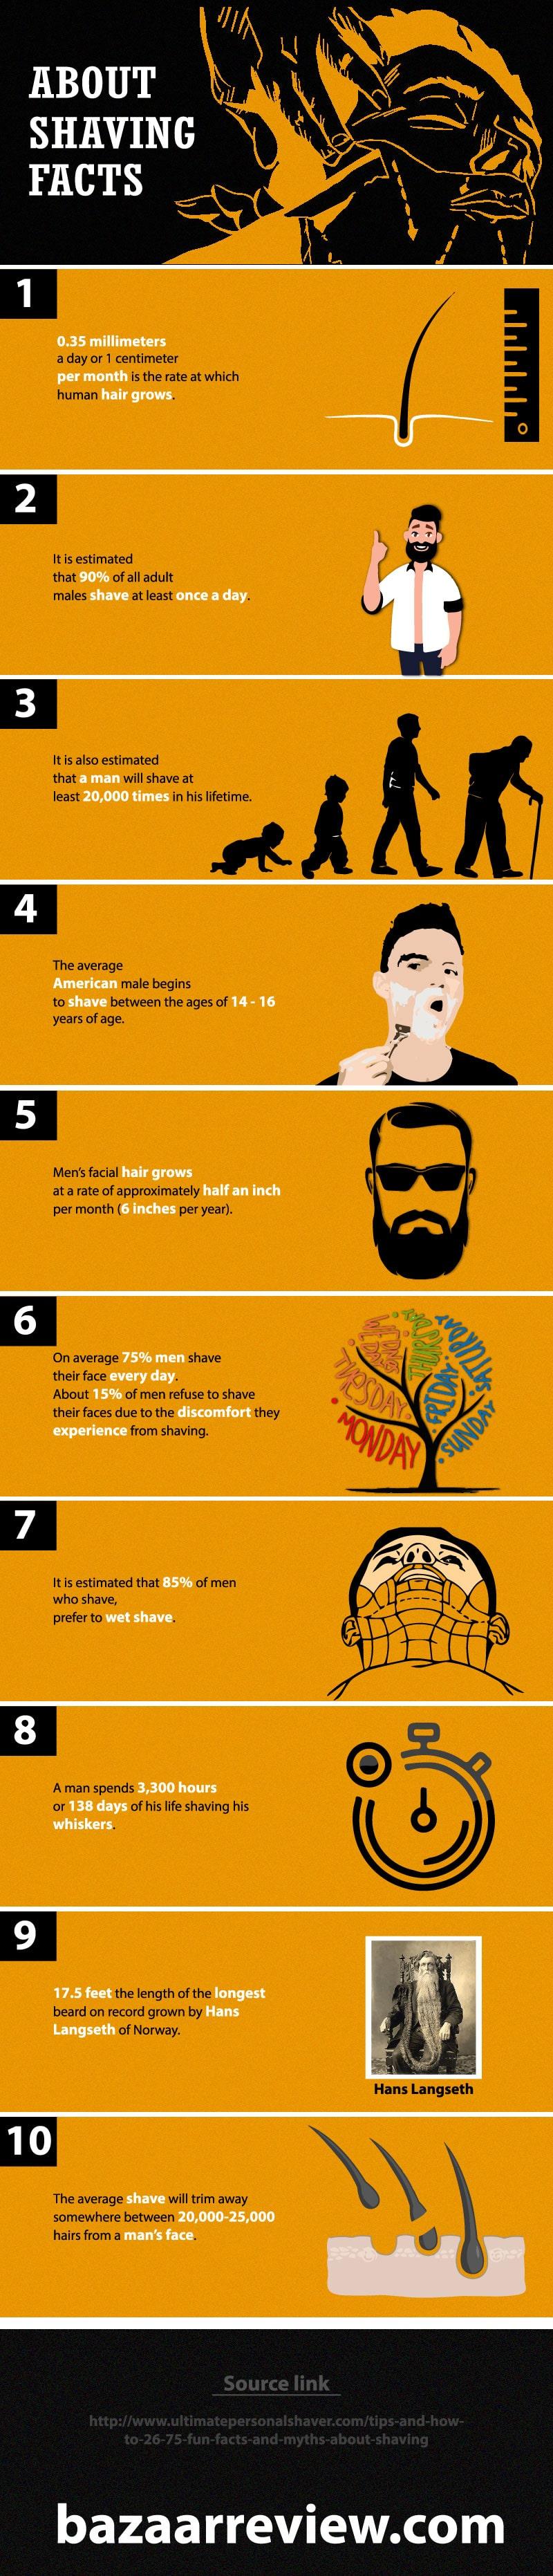 shaving info